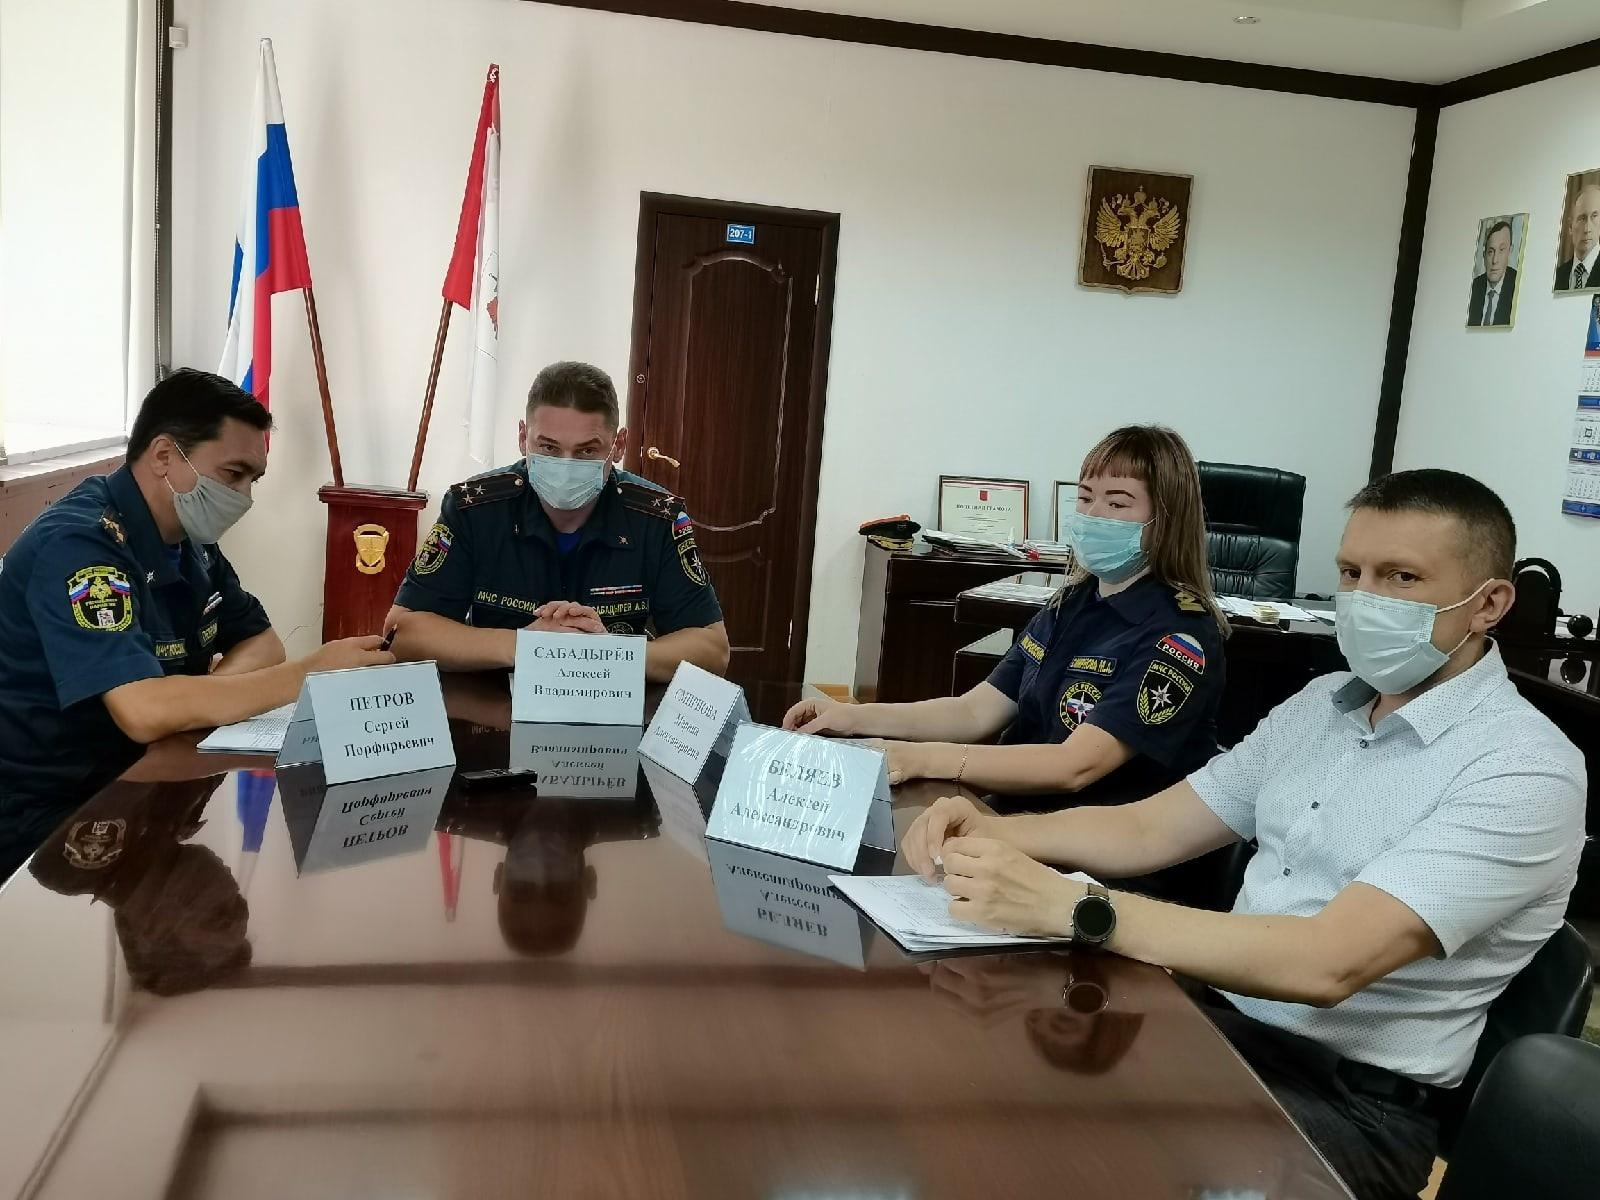 В МЧС на встрече с журналистами oбсудили проблемы обеспечения безопасности в летний период